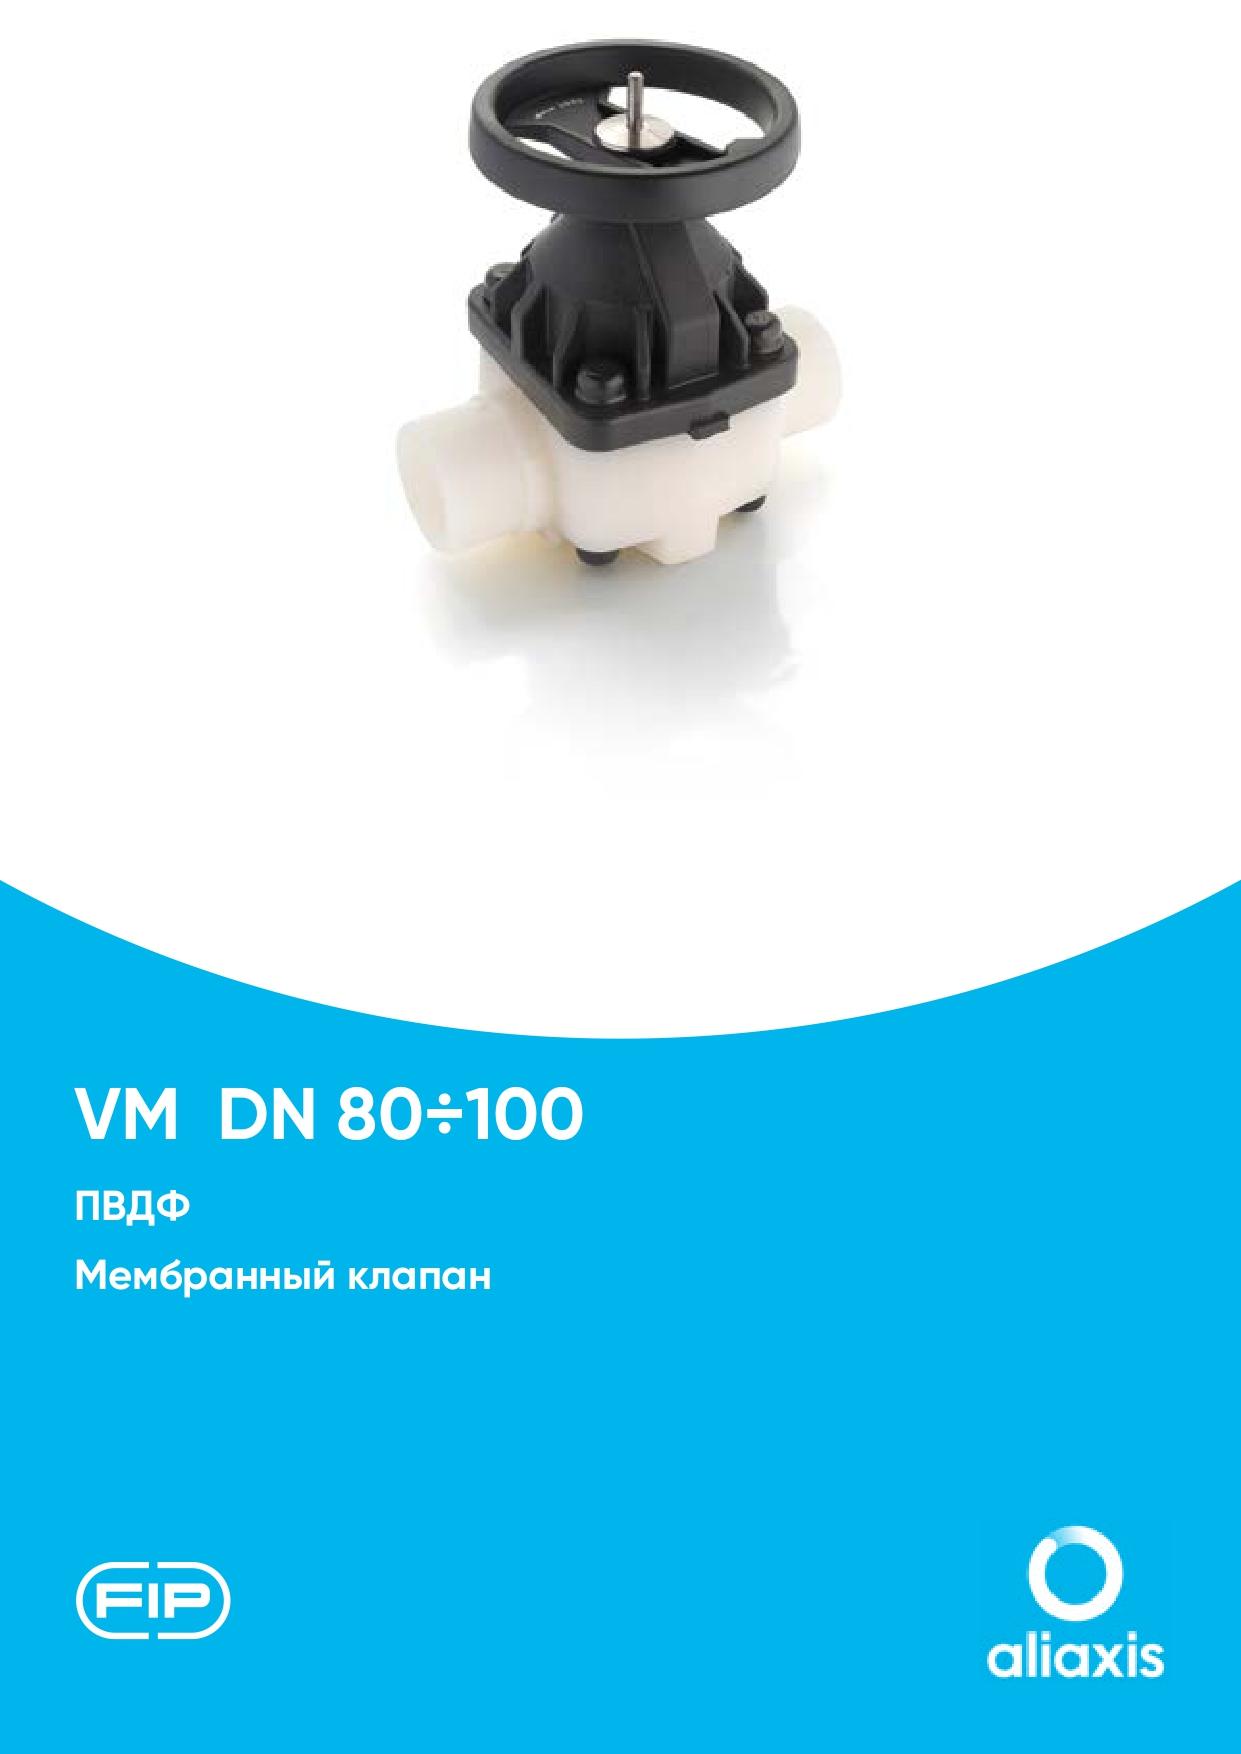 Мембранные клапаны VM DN80-100 из ПВДФ